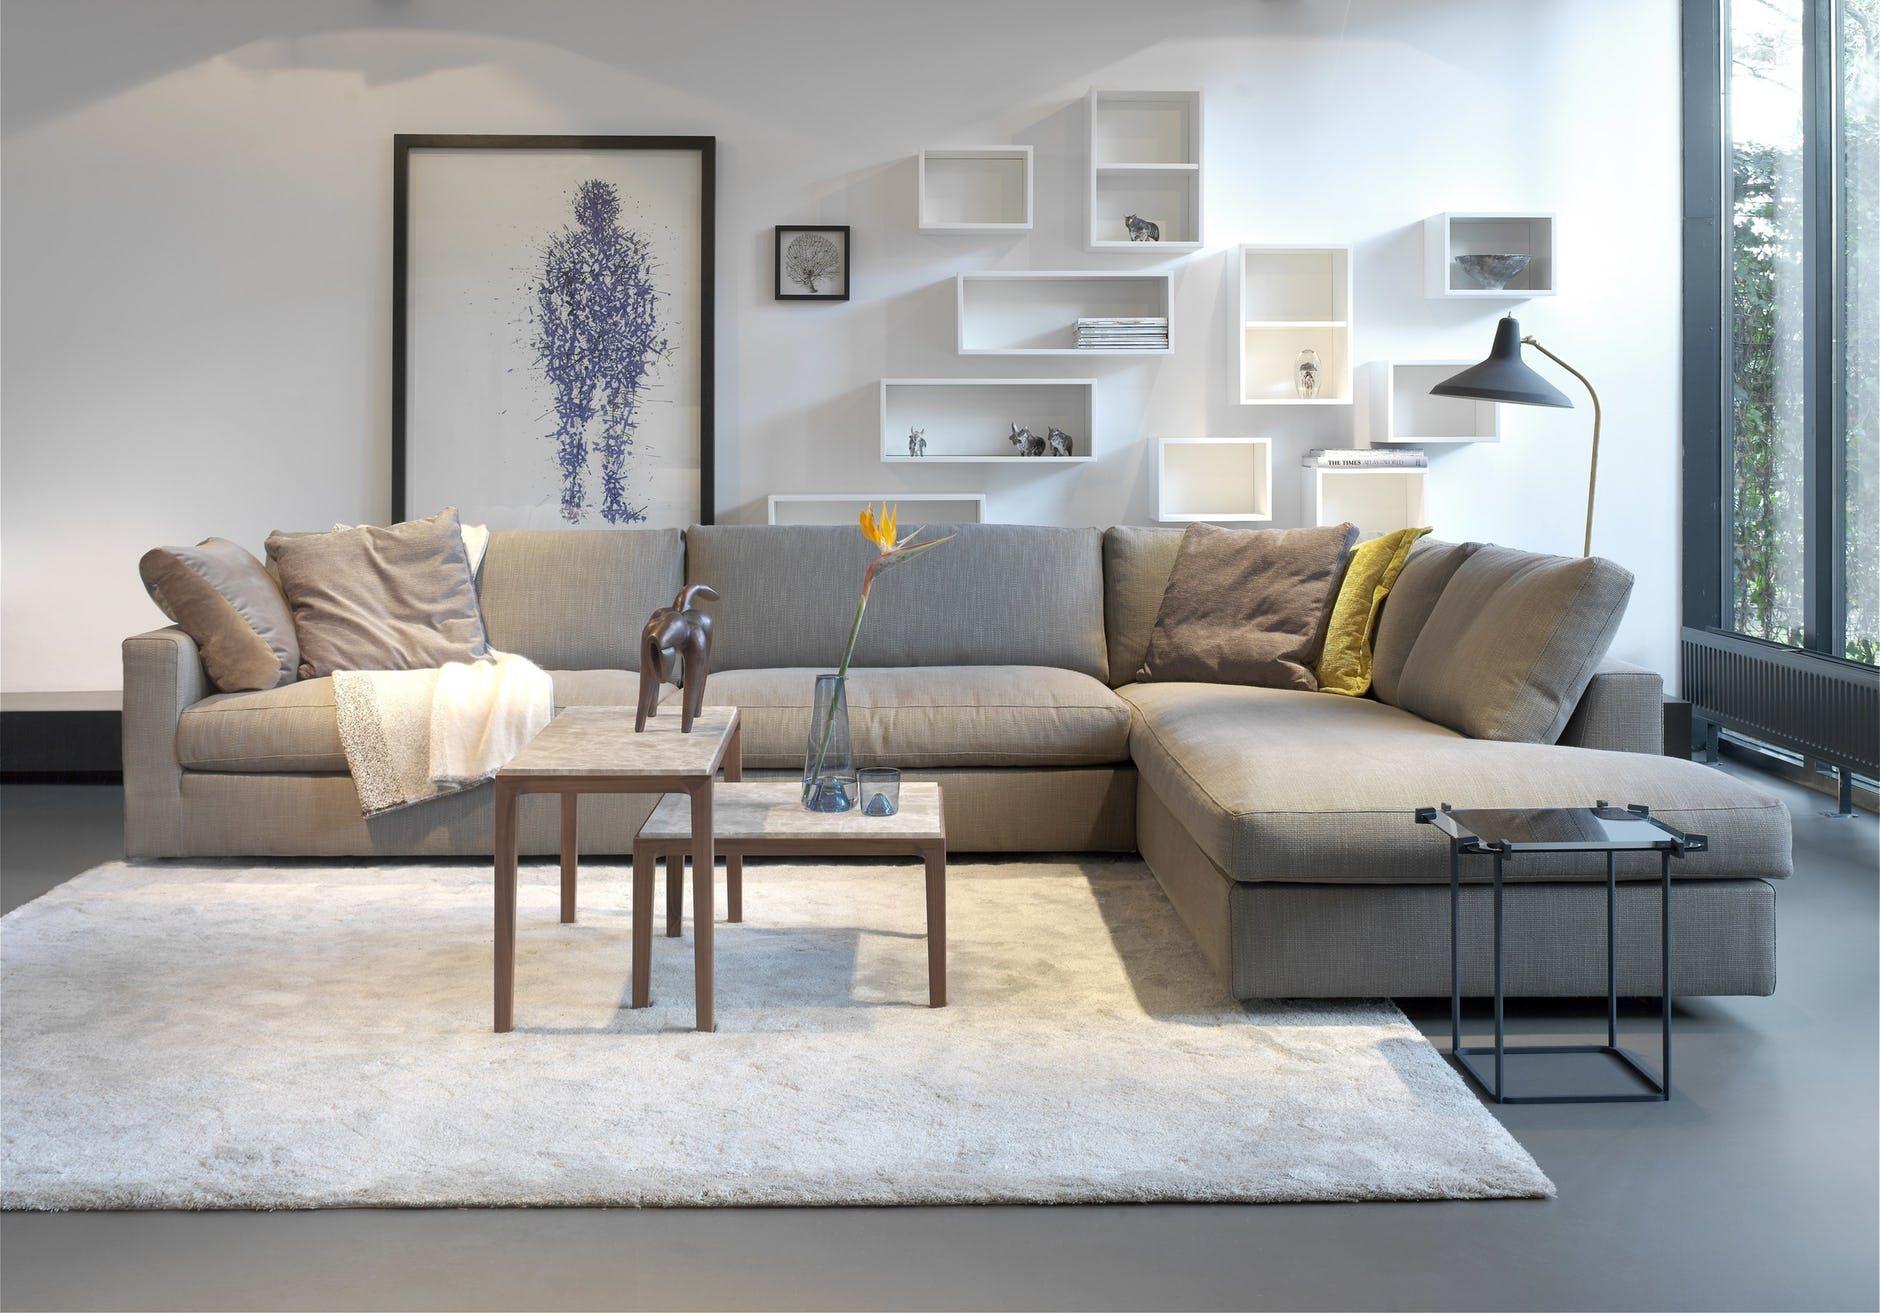 Linteloo Easy Living Hoekbank.Fabio Sofa By Linteloo Now Available At Haute Living